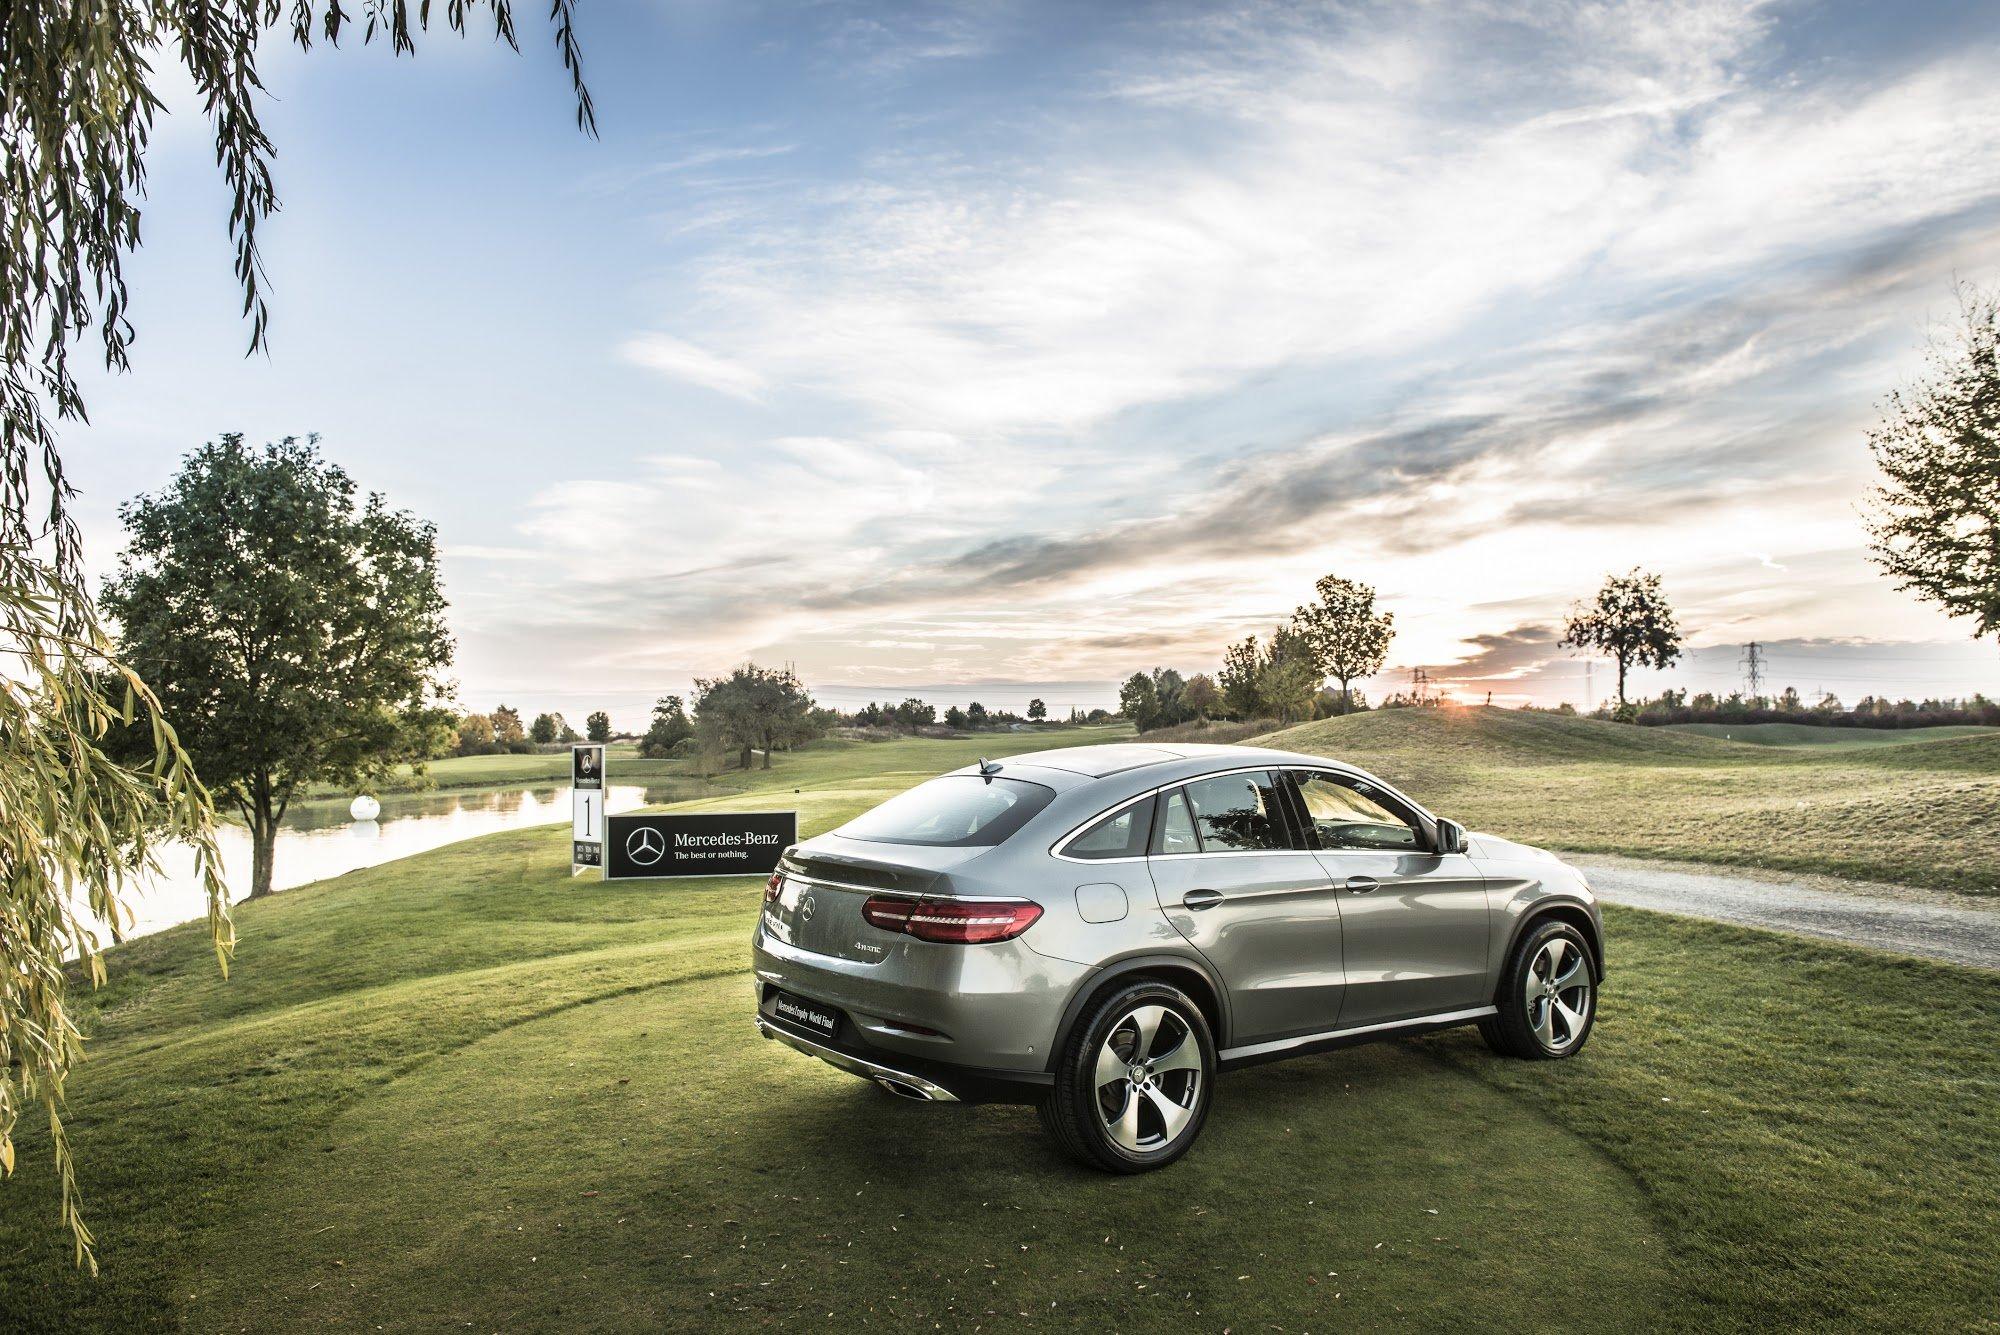 Любительский гольф-турнир MercedesTrophy впервые пройдёт в России